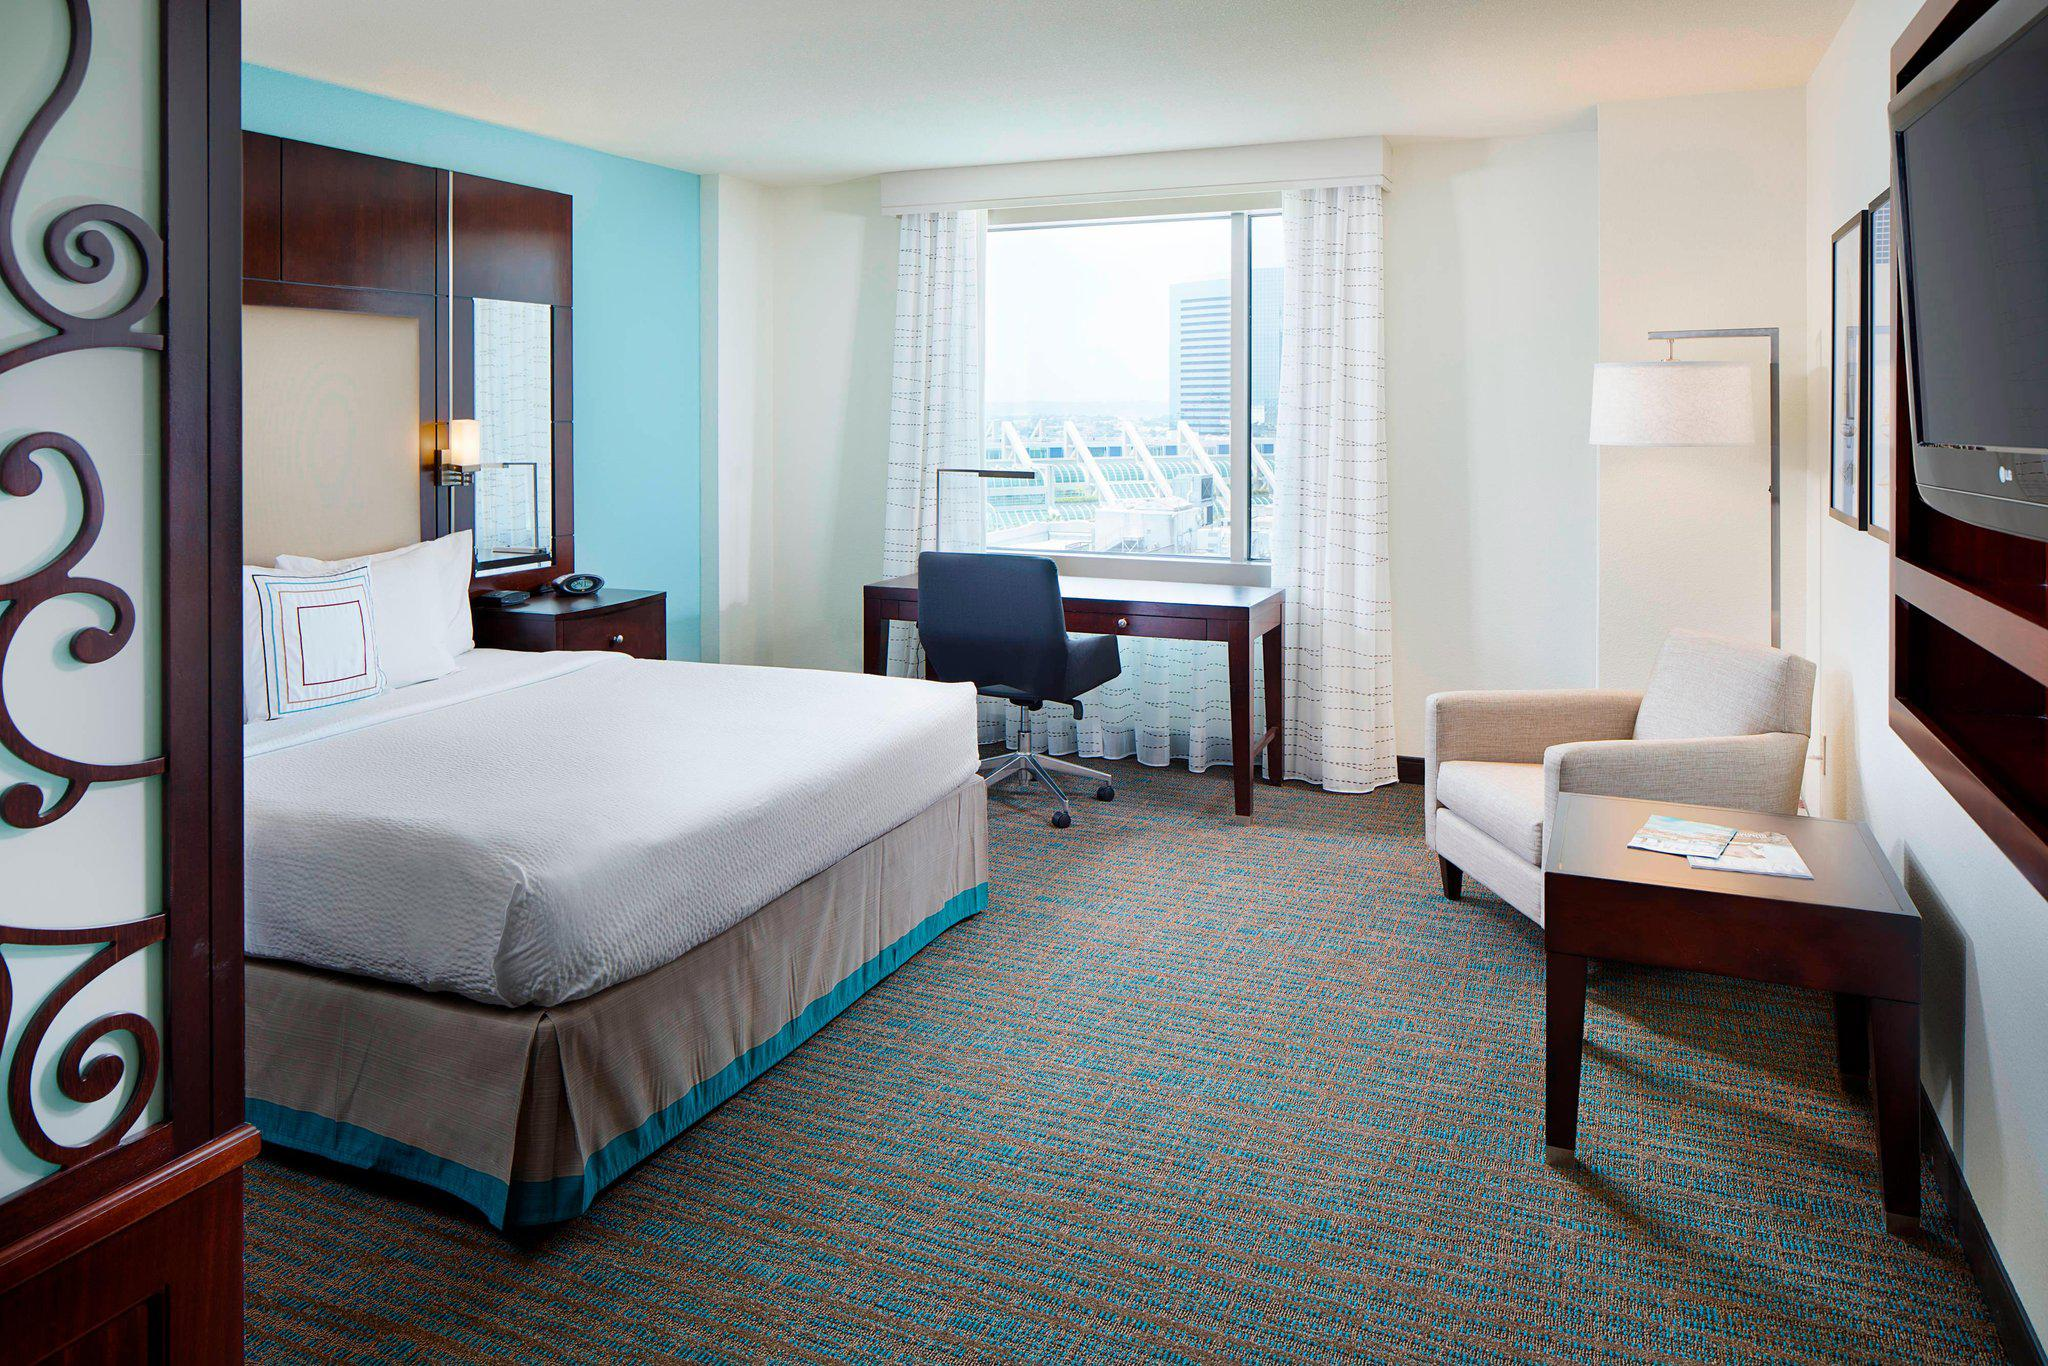 Residence Inn by Marriott San Diego Downtown/Gaslamp Quarter